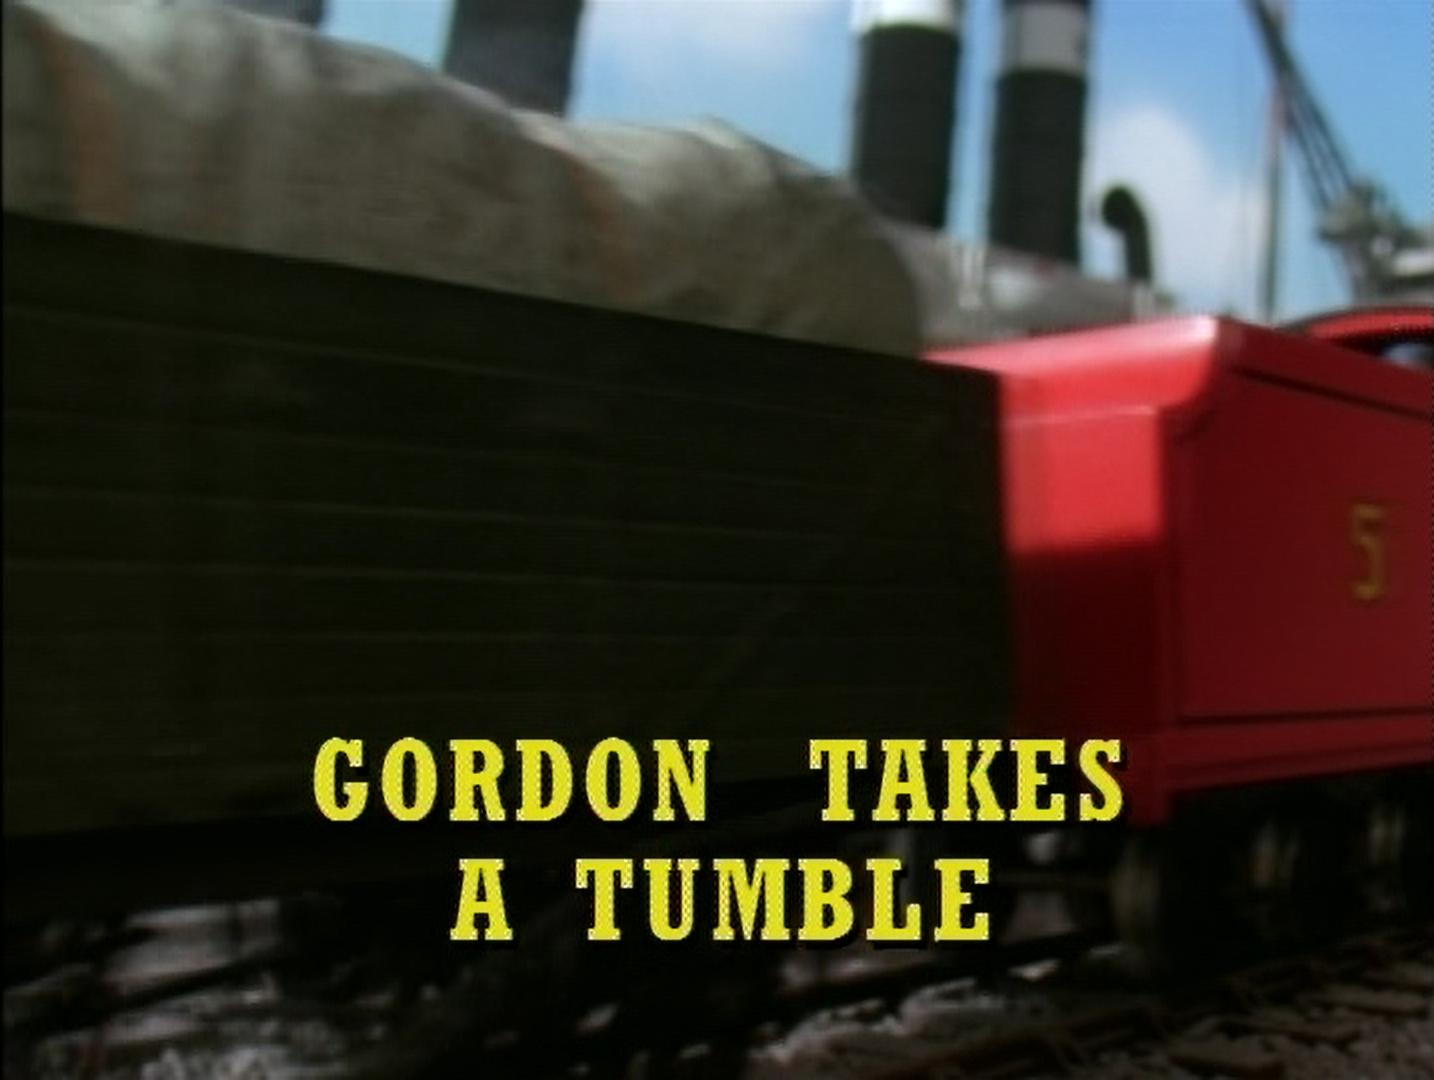 File:GordonTakesaTumbleUStitlecard.png